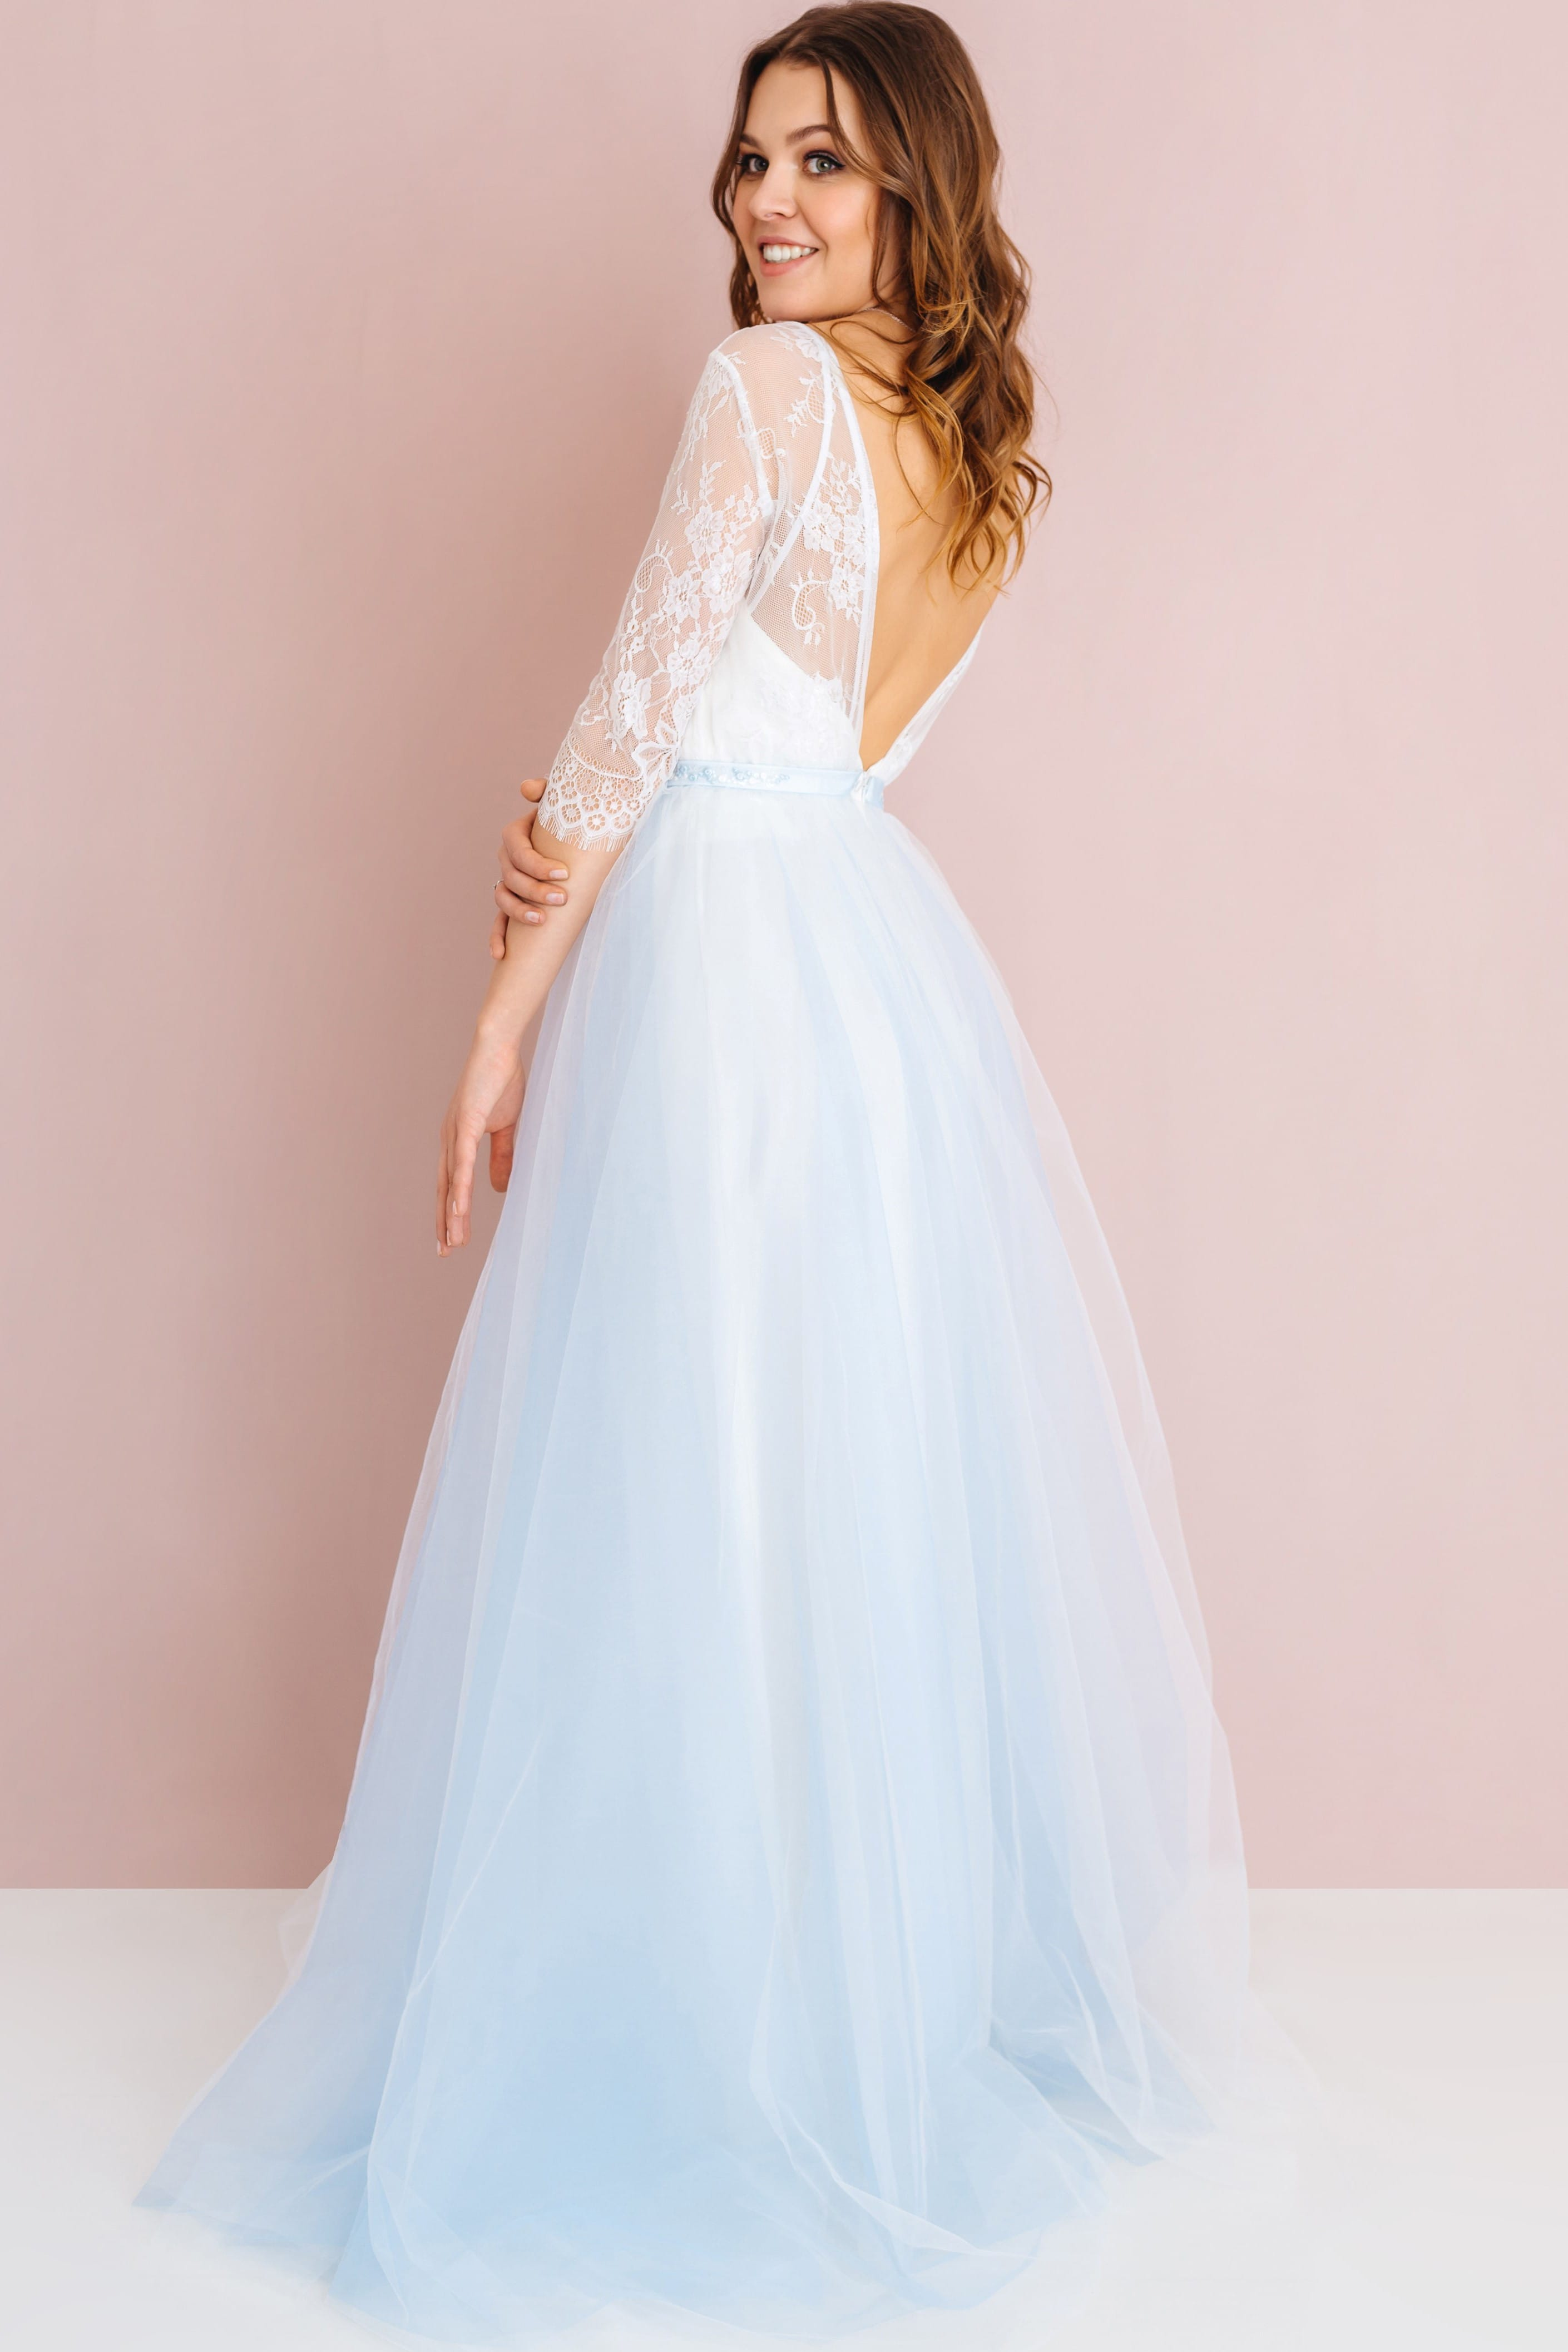 Свадебное платье LANA, коллекция LOFT, бренд RARE BRIDAL, фото 1